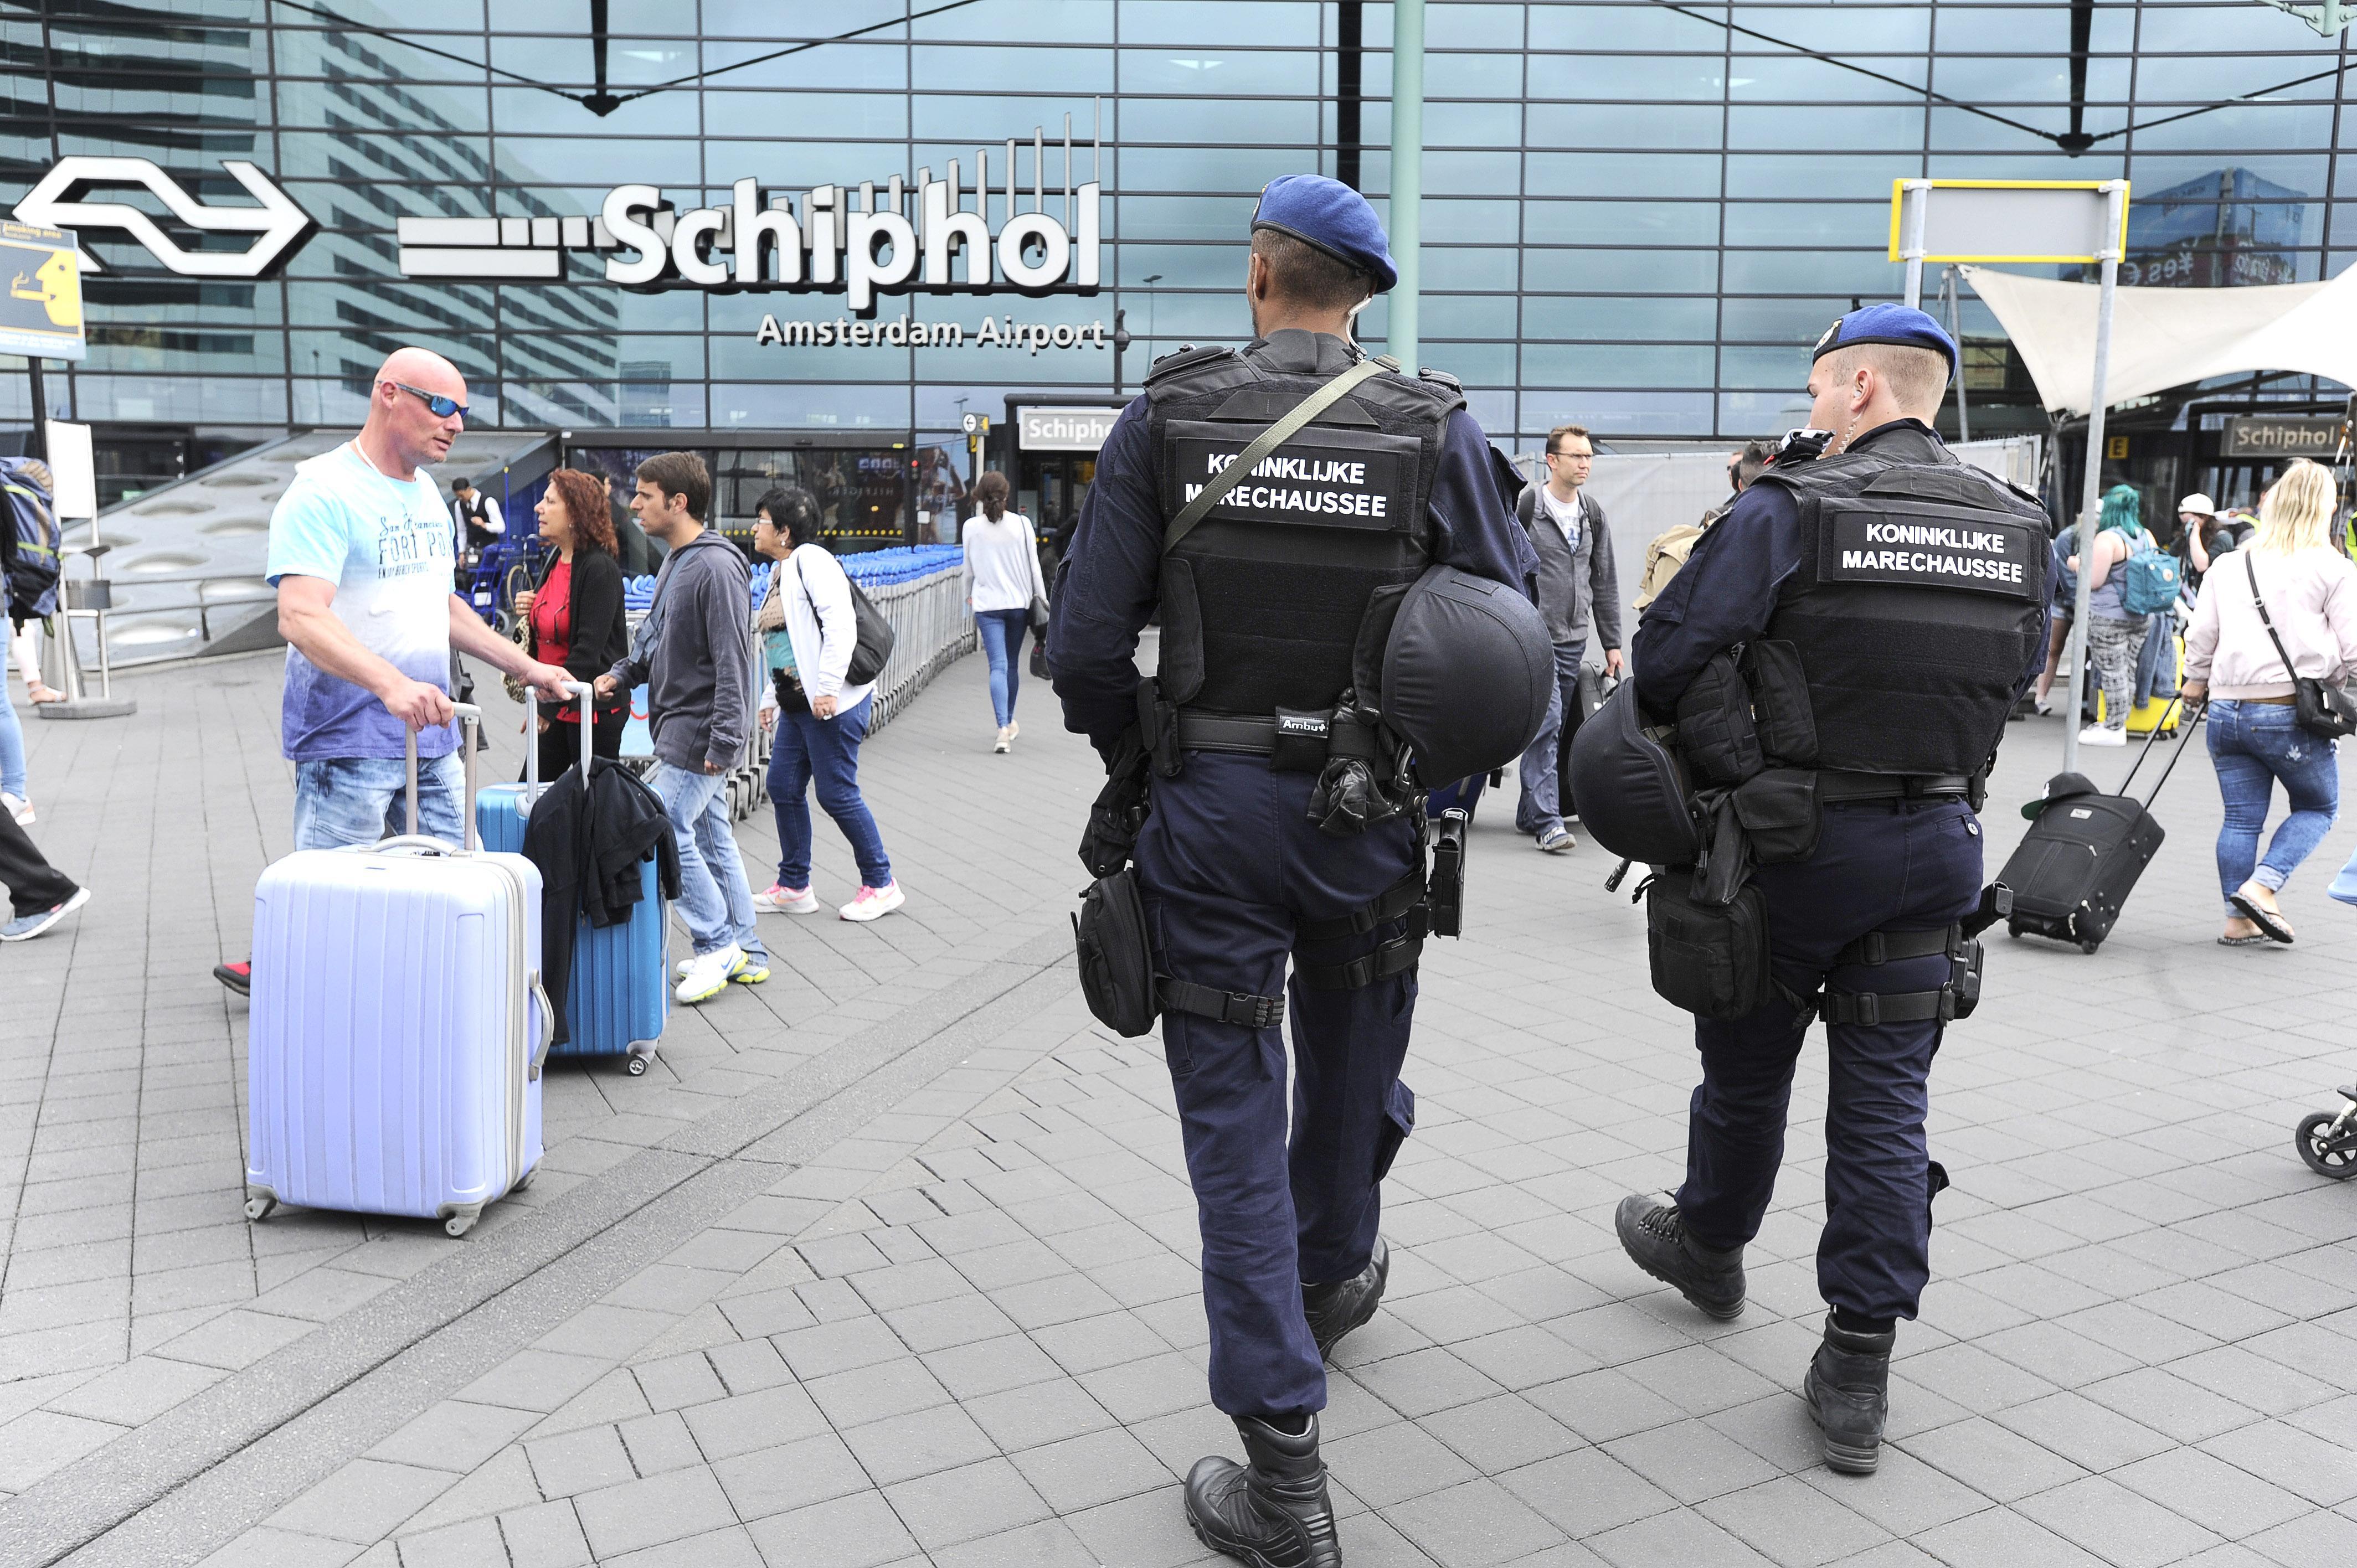 Vader (47) en zoon (13) opgepakt op Schiphol voor mishandeling en bedreiging tijdens vlucht uit Las Palmas